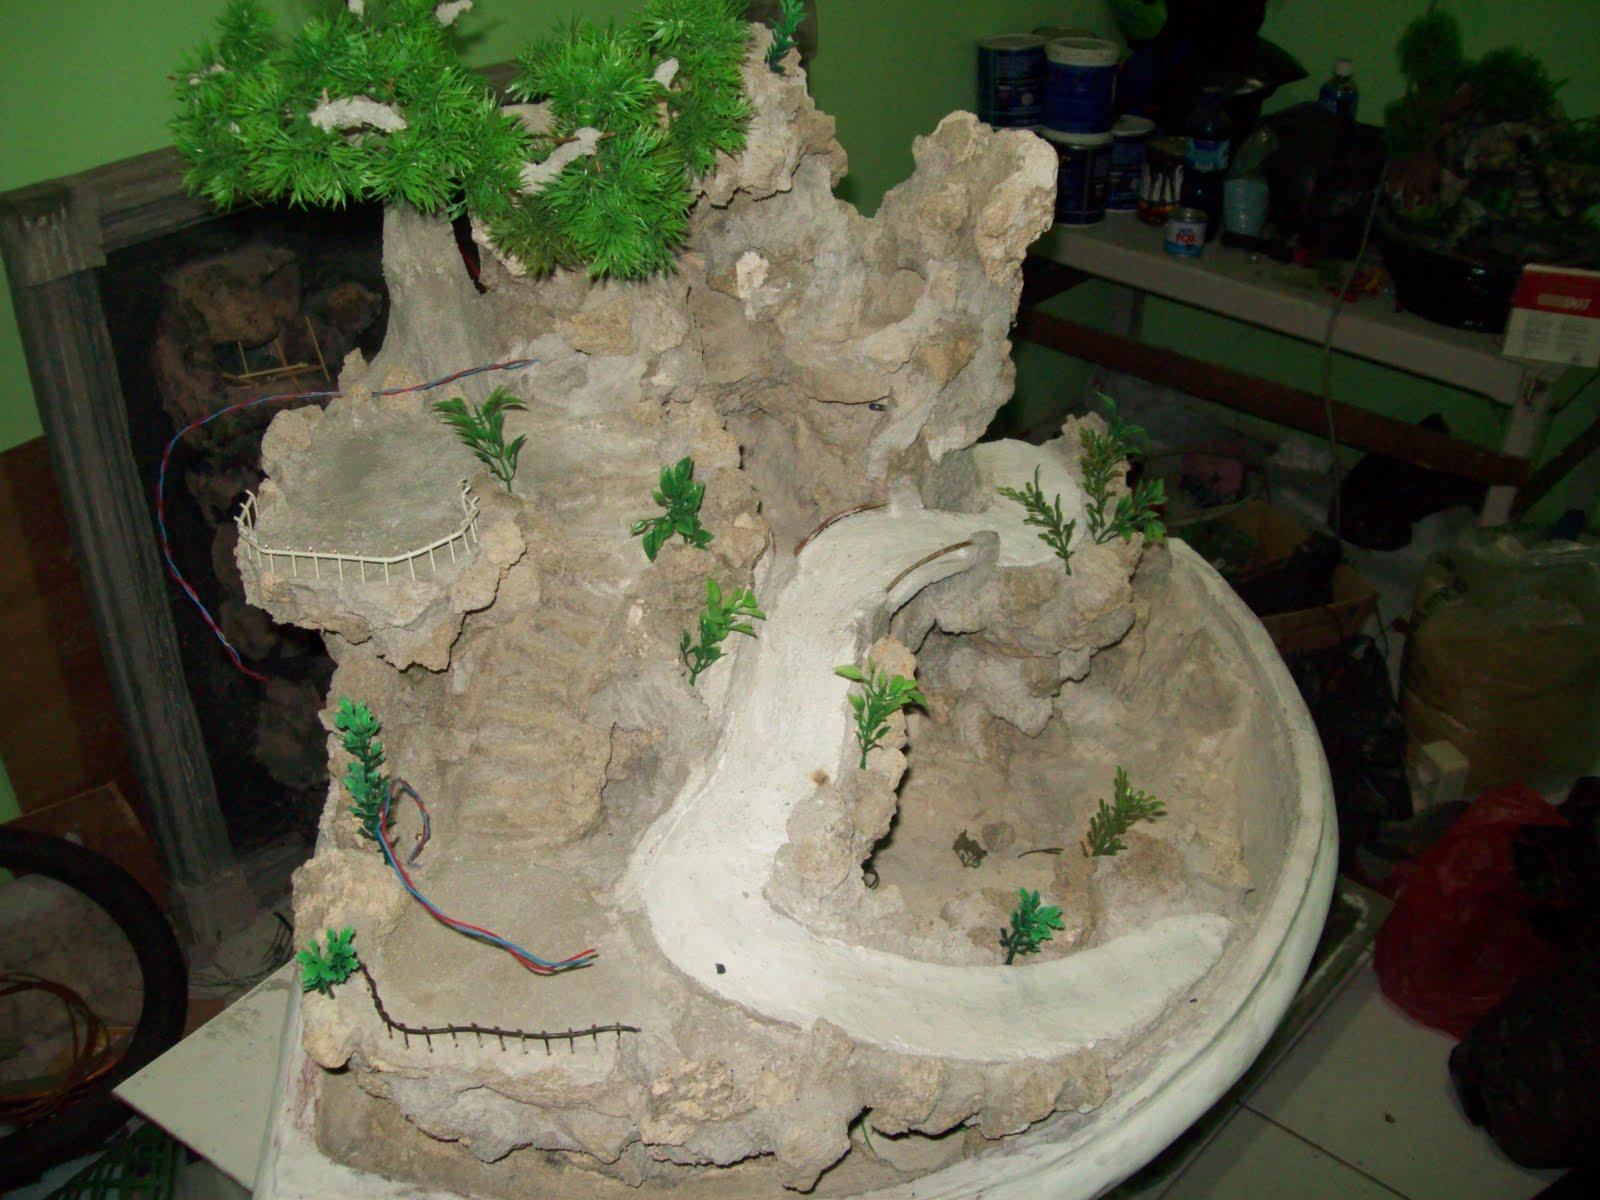 Miniatur Air Terjun Waterfall Miniature Cara Pembuatan Miniatur Air Terjun